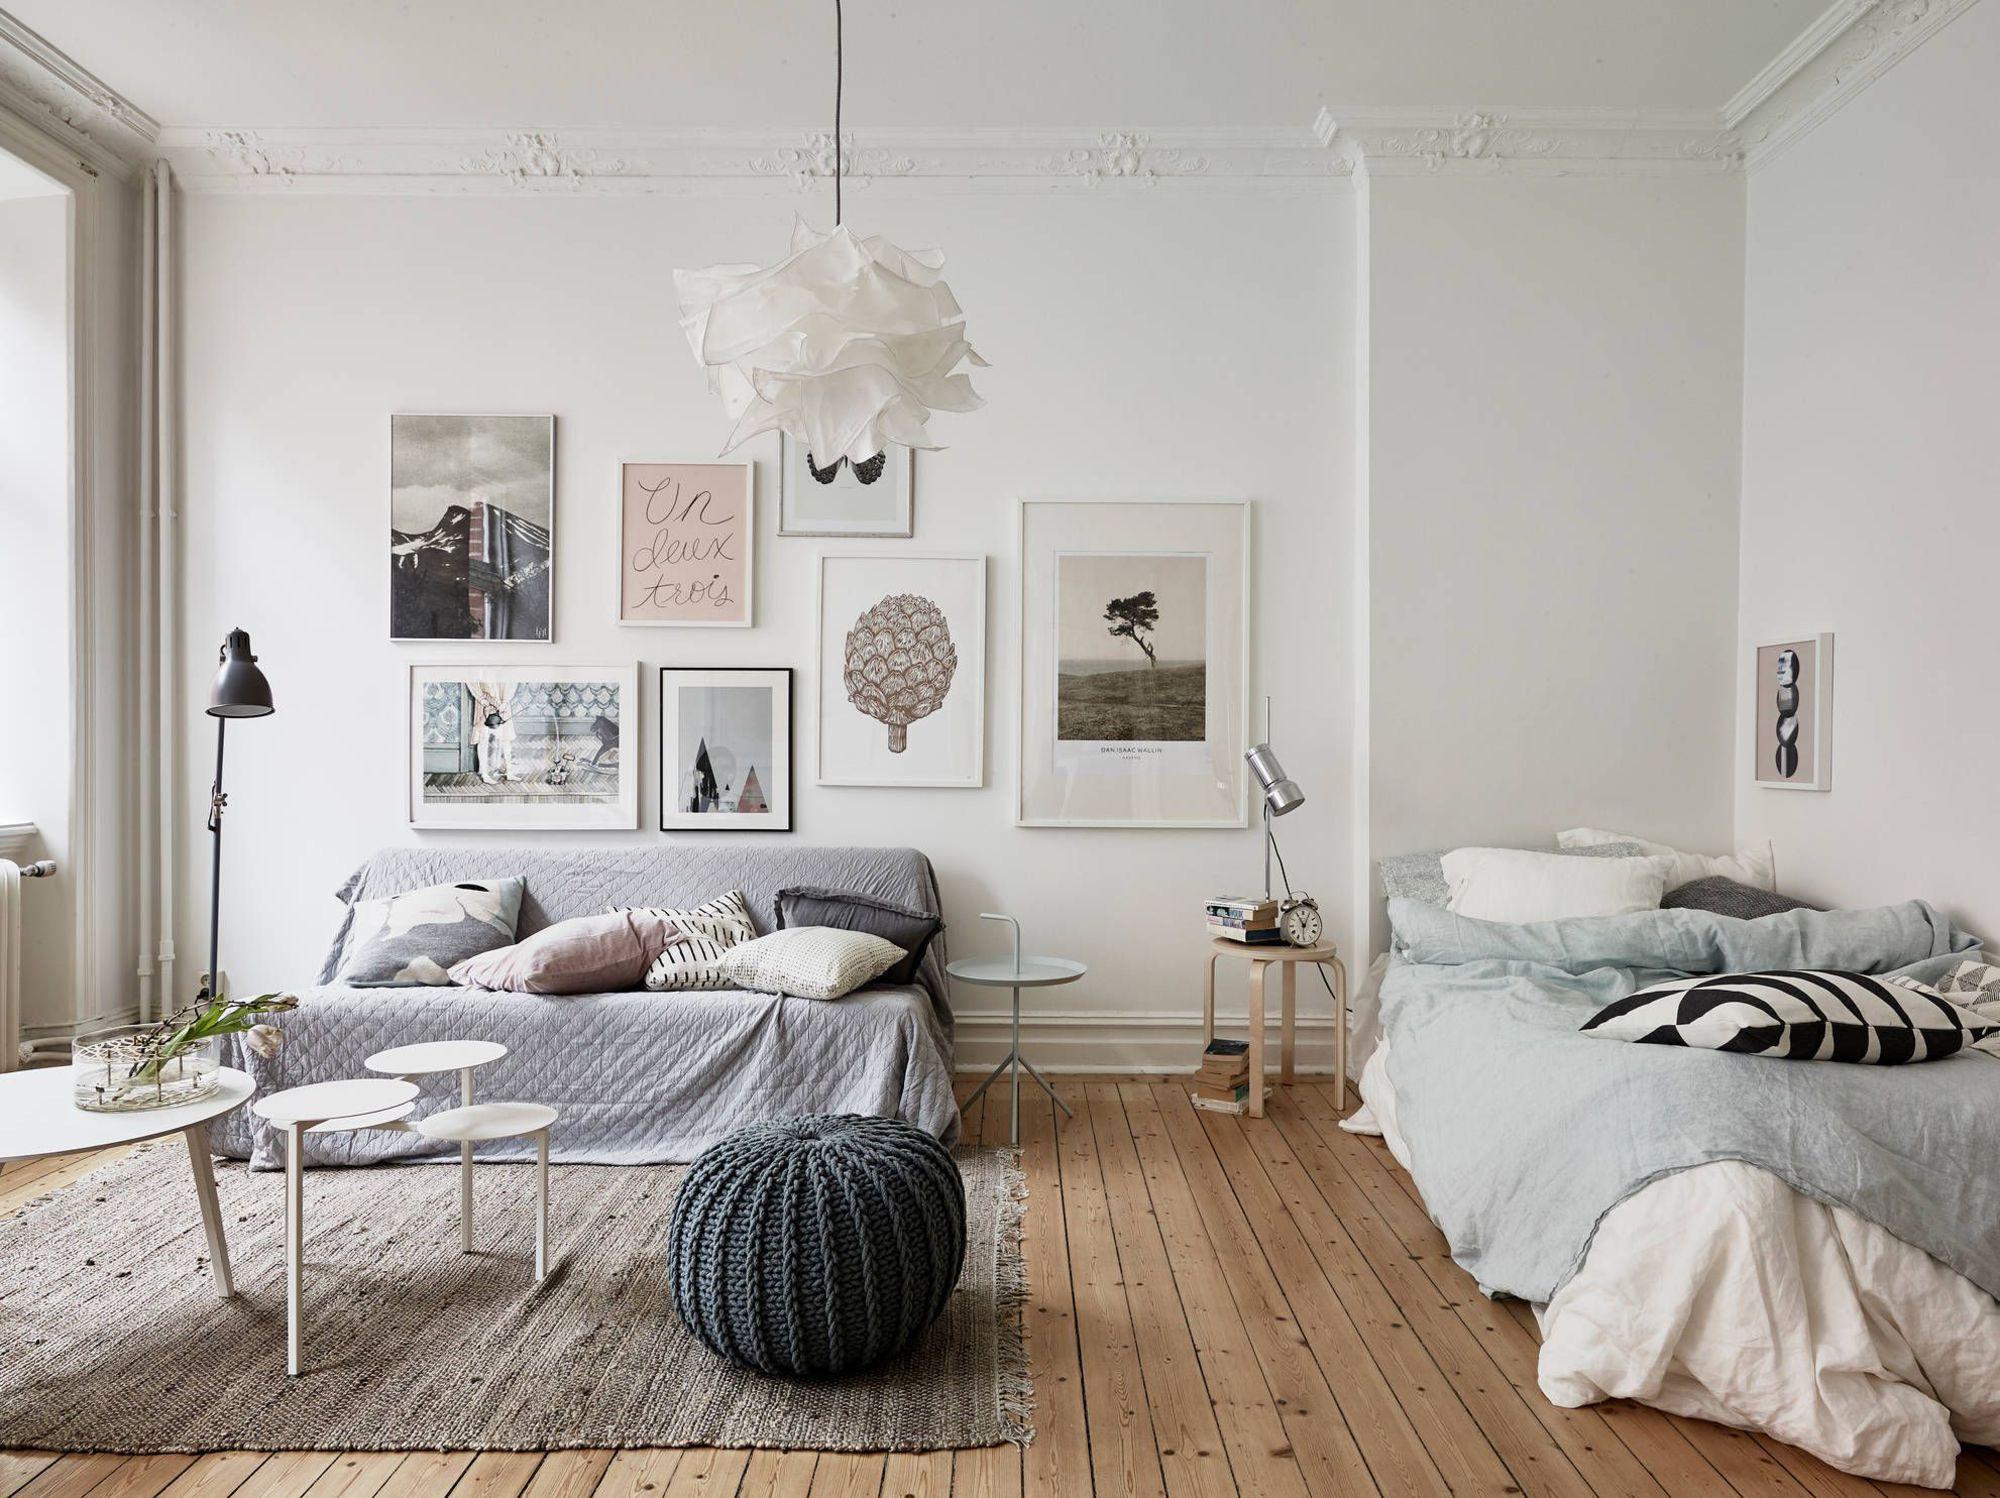 Studio étudiant idées déco pour petit appartement